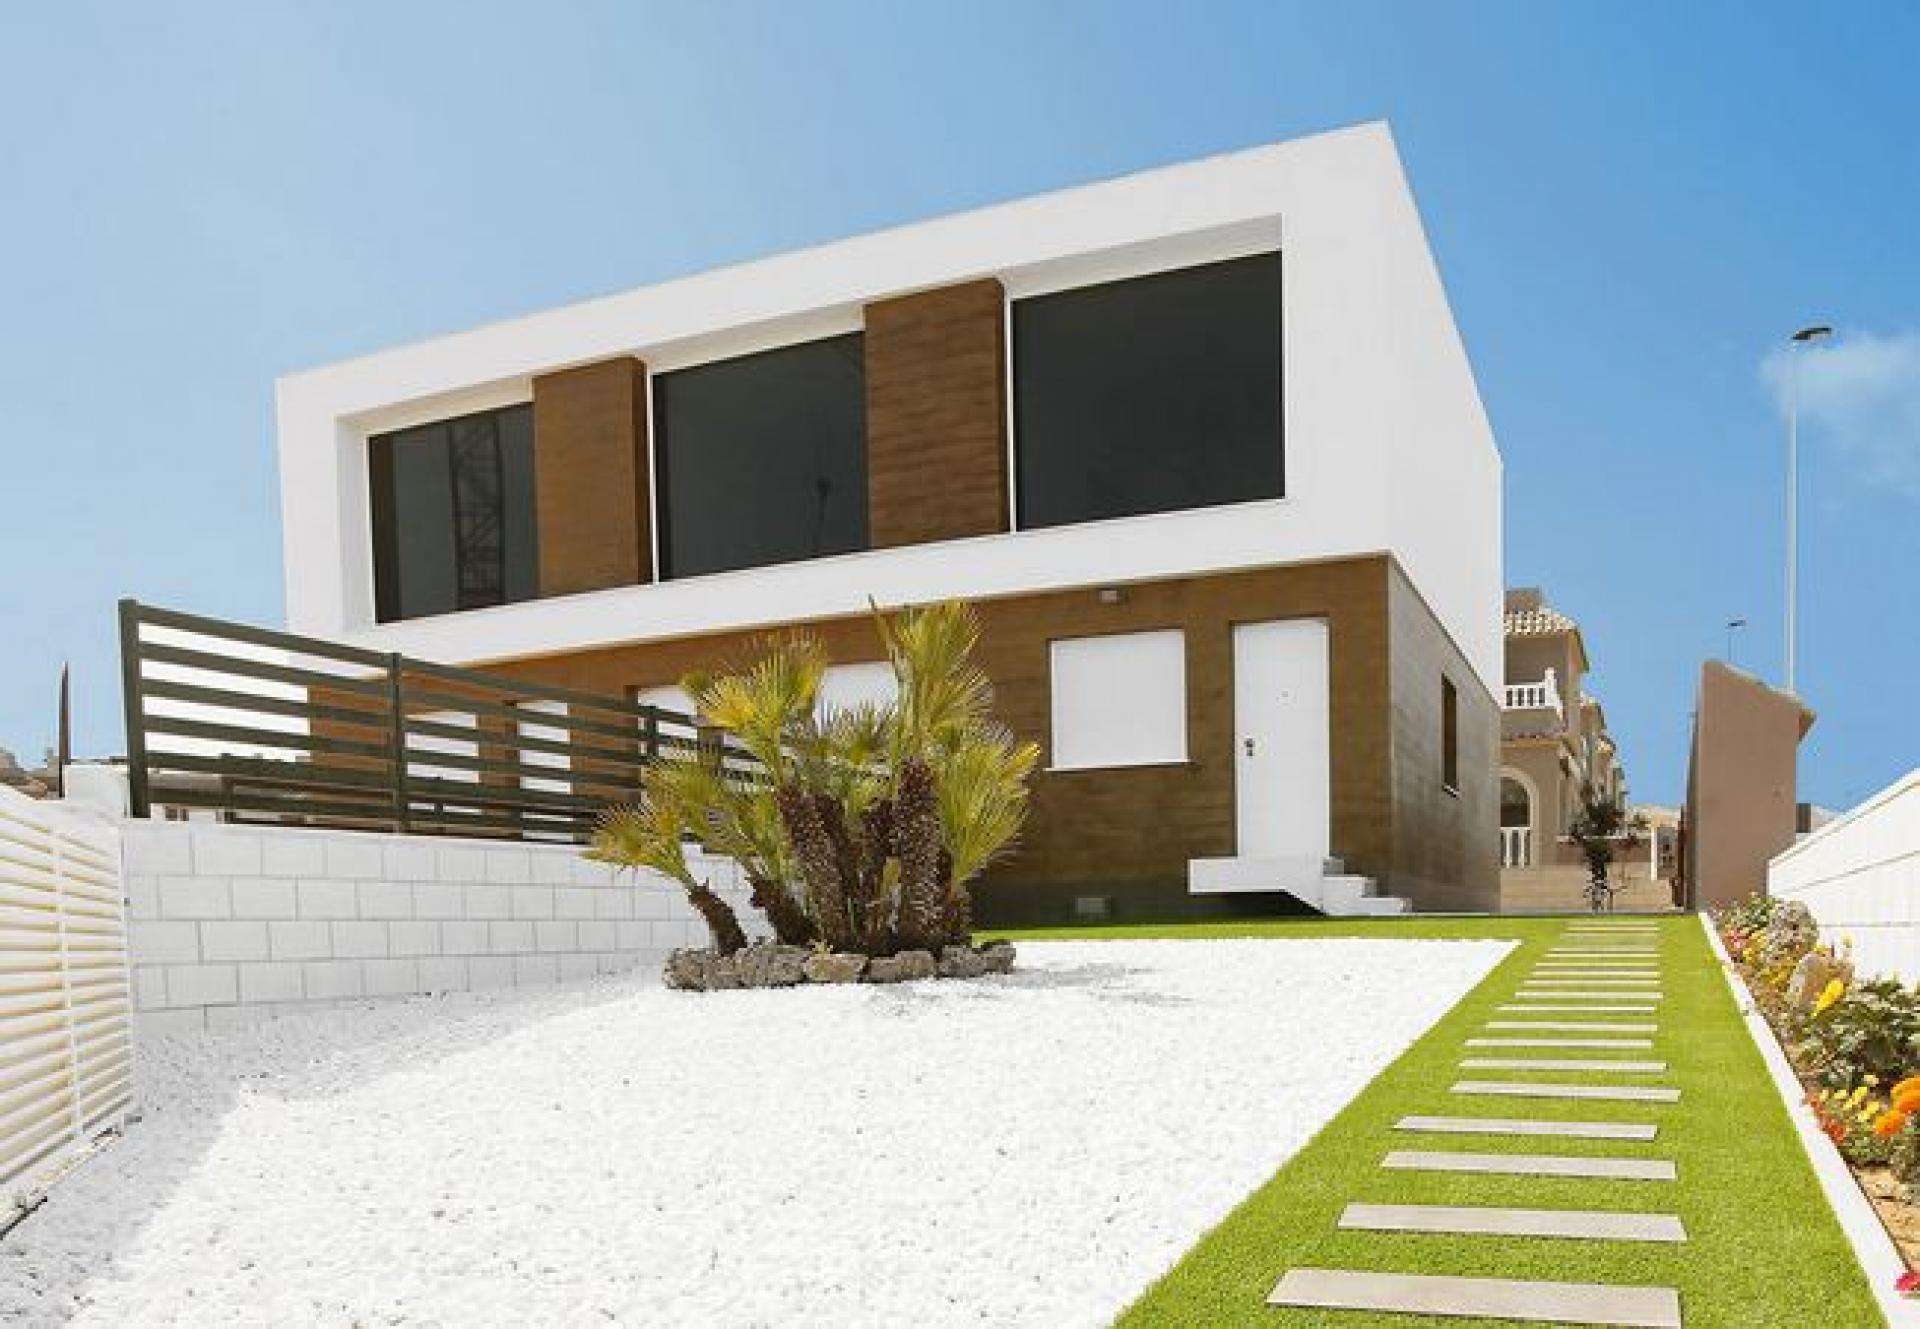 Vision - Gran Alacant (Alicante)